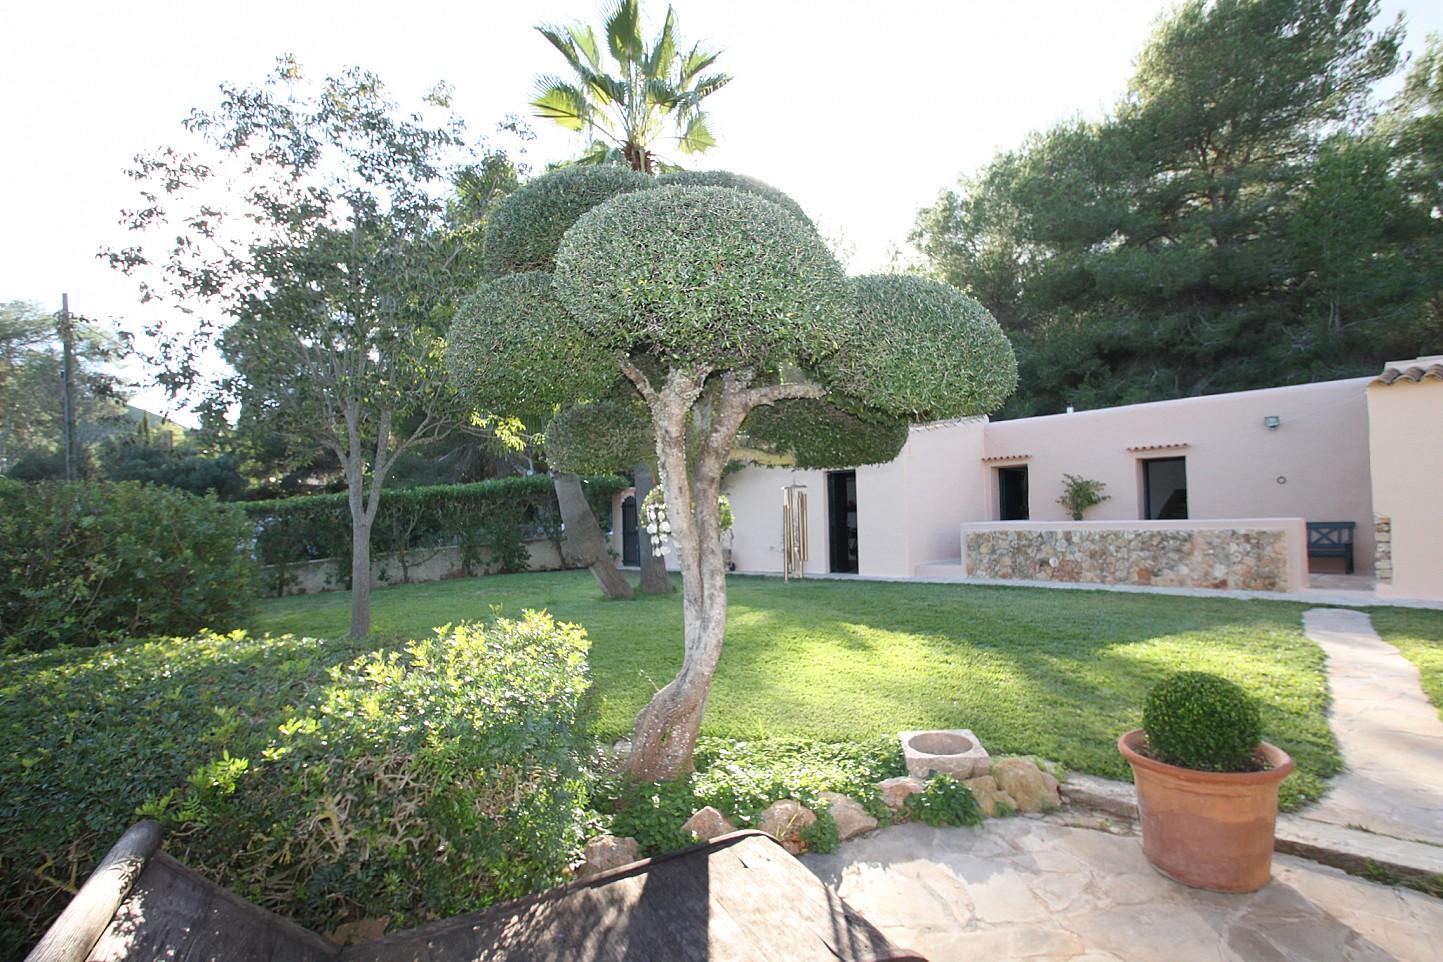 Jardins exteriors amb plantes tropicals i arbres